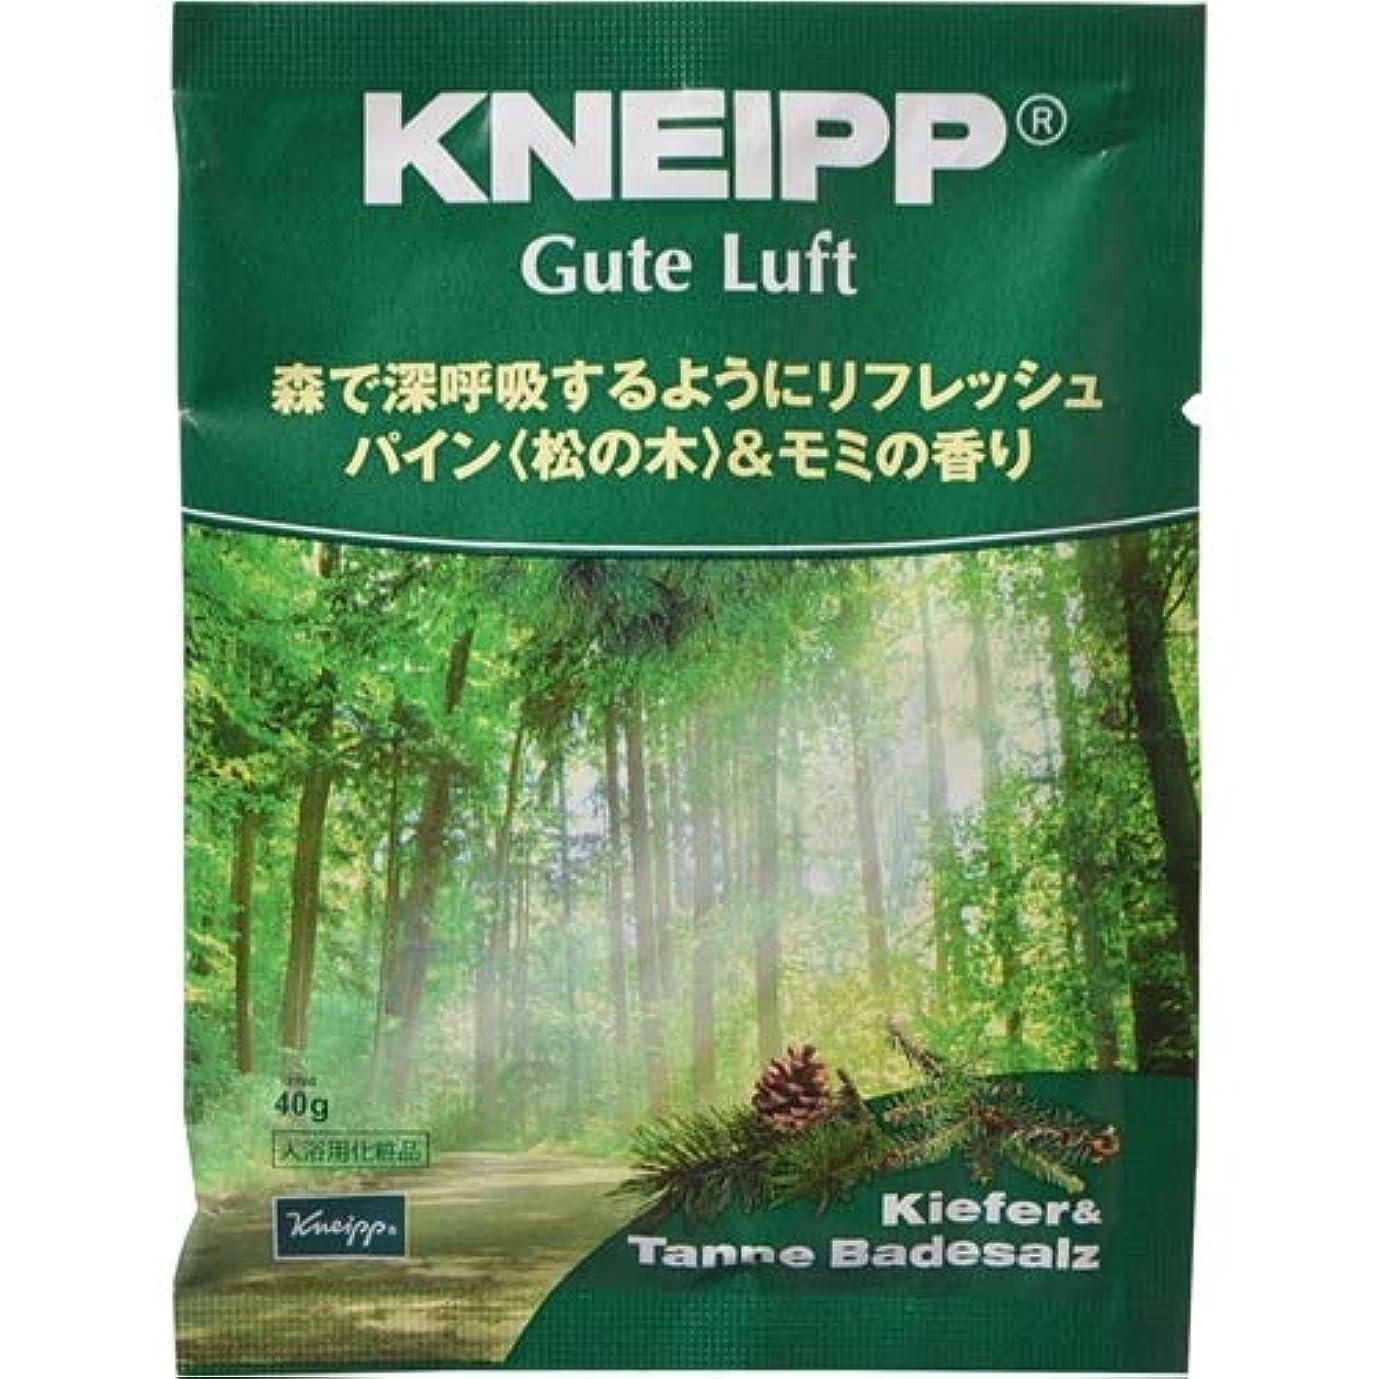 生命体完全にラボクナイプ?ジャパン クナイプ グーテルフト バスソルト パイン<松の木>&モミの香り 40g